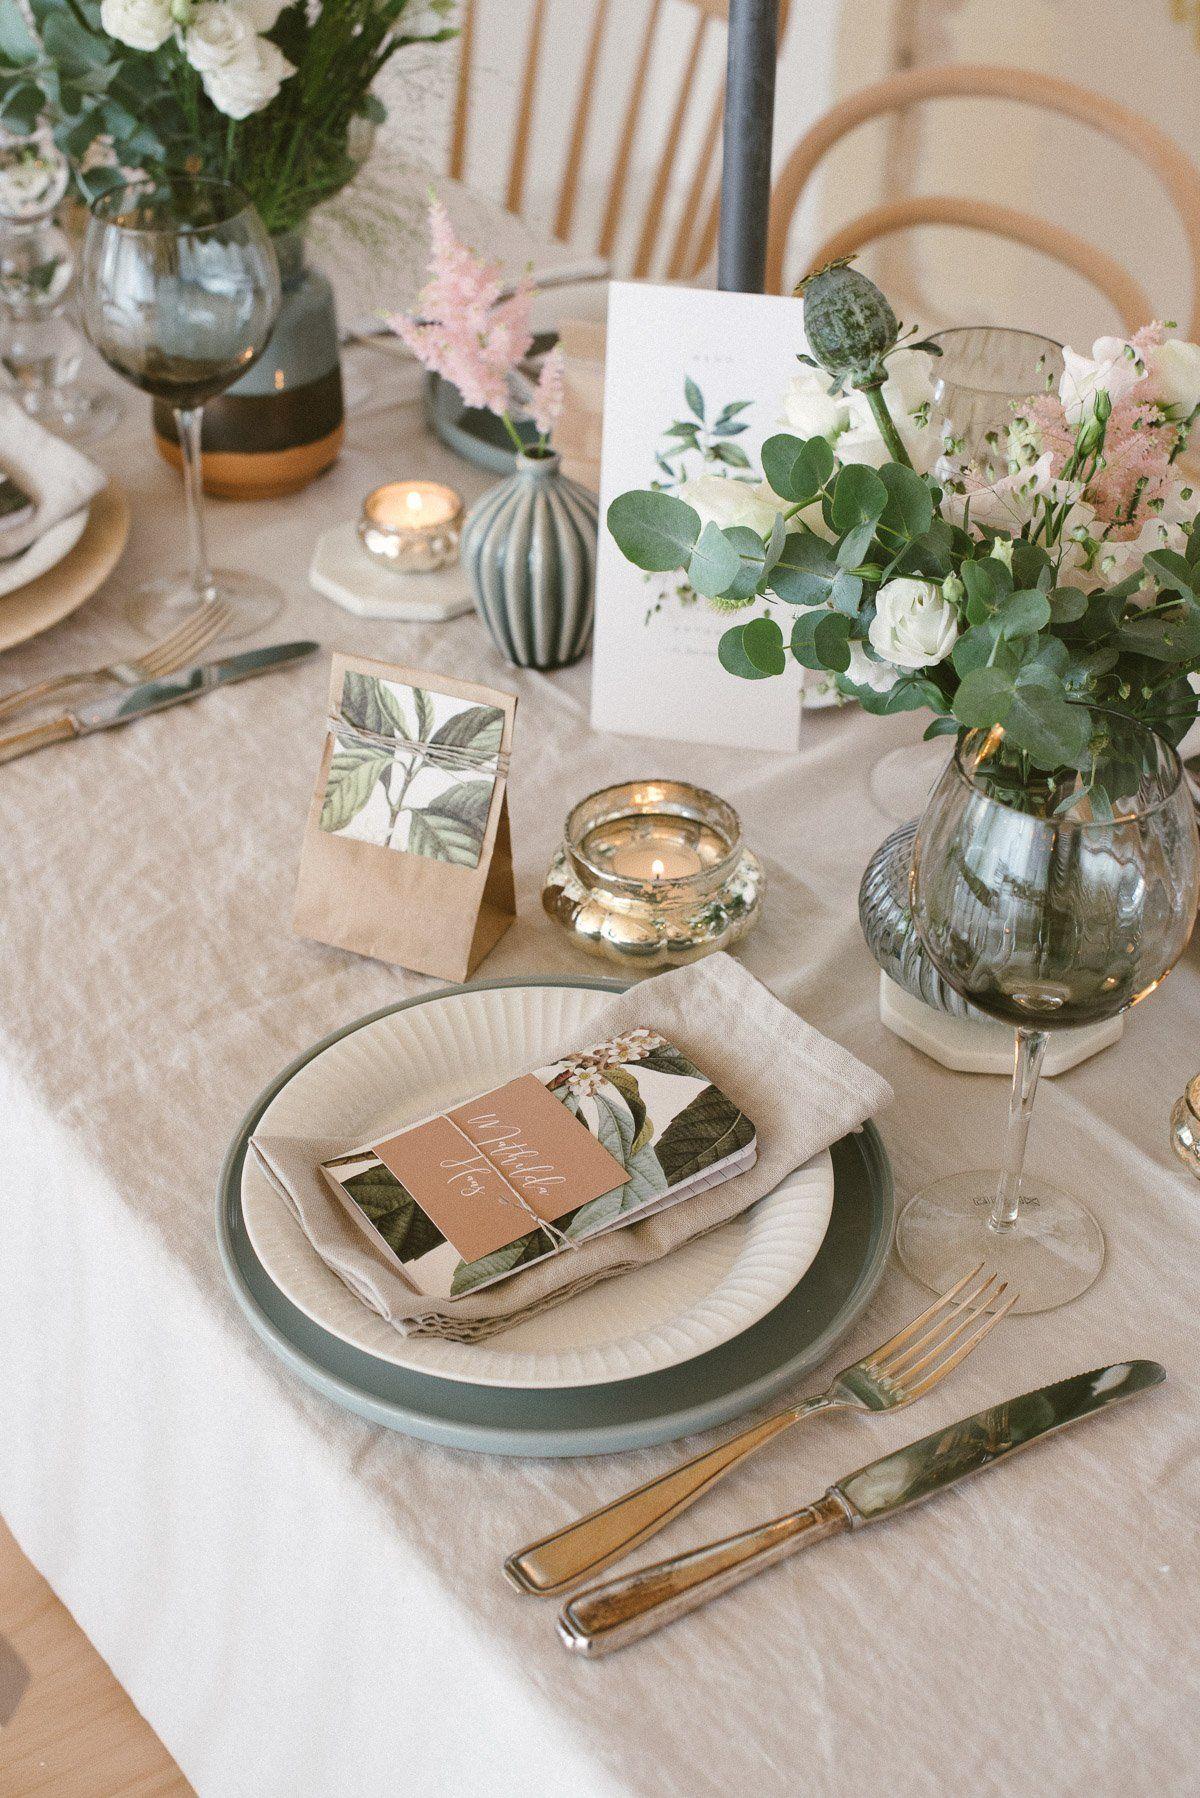 Leinen, Graublau und Salbei - Natürliche Hochzeitsdekoration - Fräulein K. Sagt Ja Hochzeitsblog #outdoorflowers